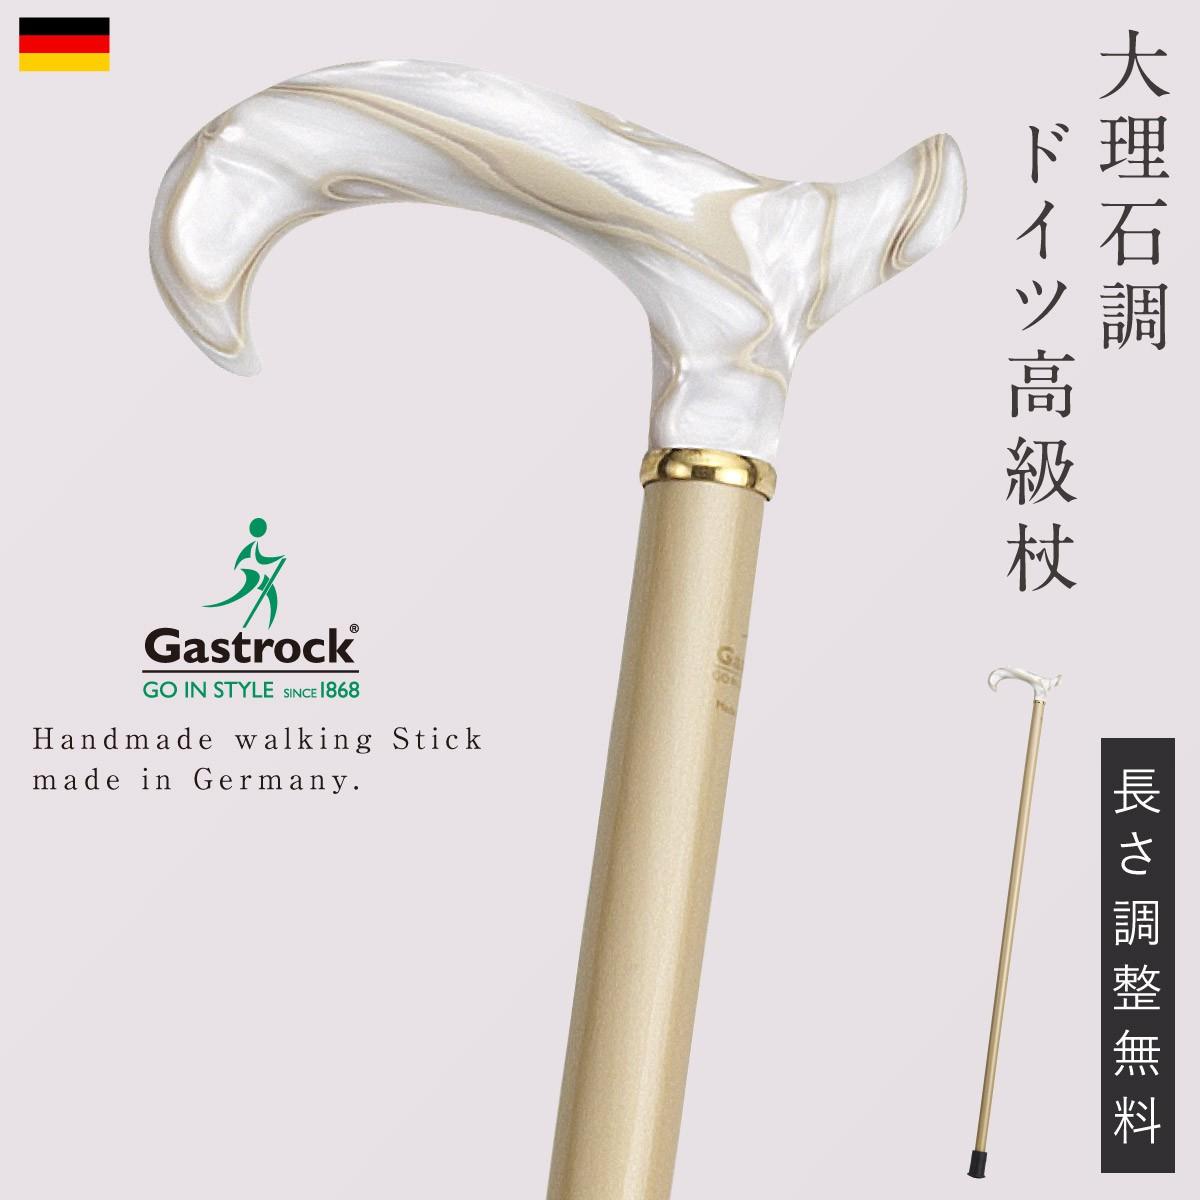 一本杖 木製杖 ステッキ ドイツ製 1本杖 ガストロック社 GA-68 ギフト プレゼント 贈り物 敬老の日 敬老会 町内会